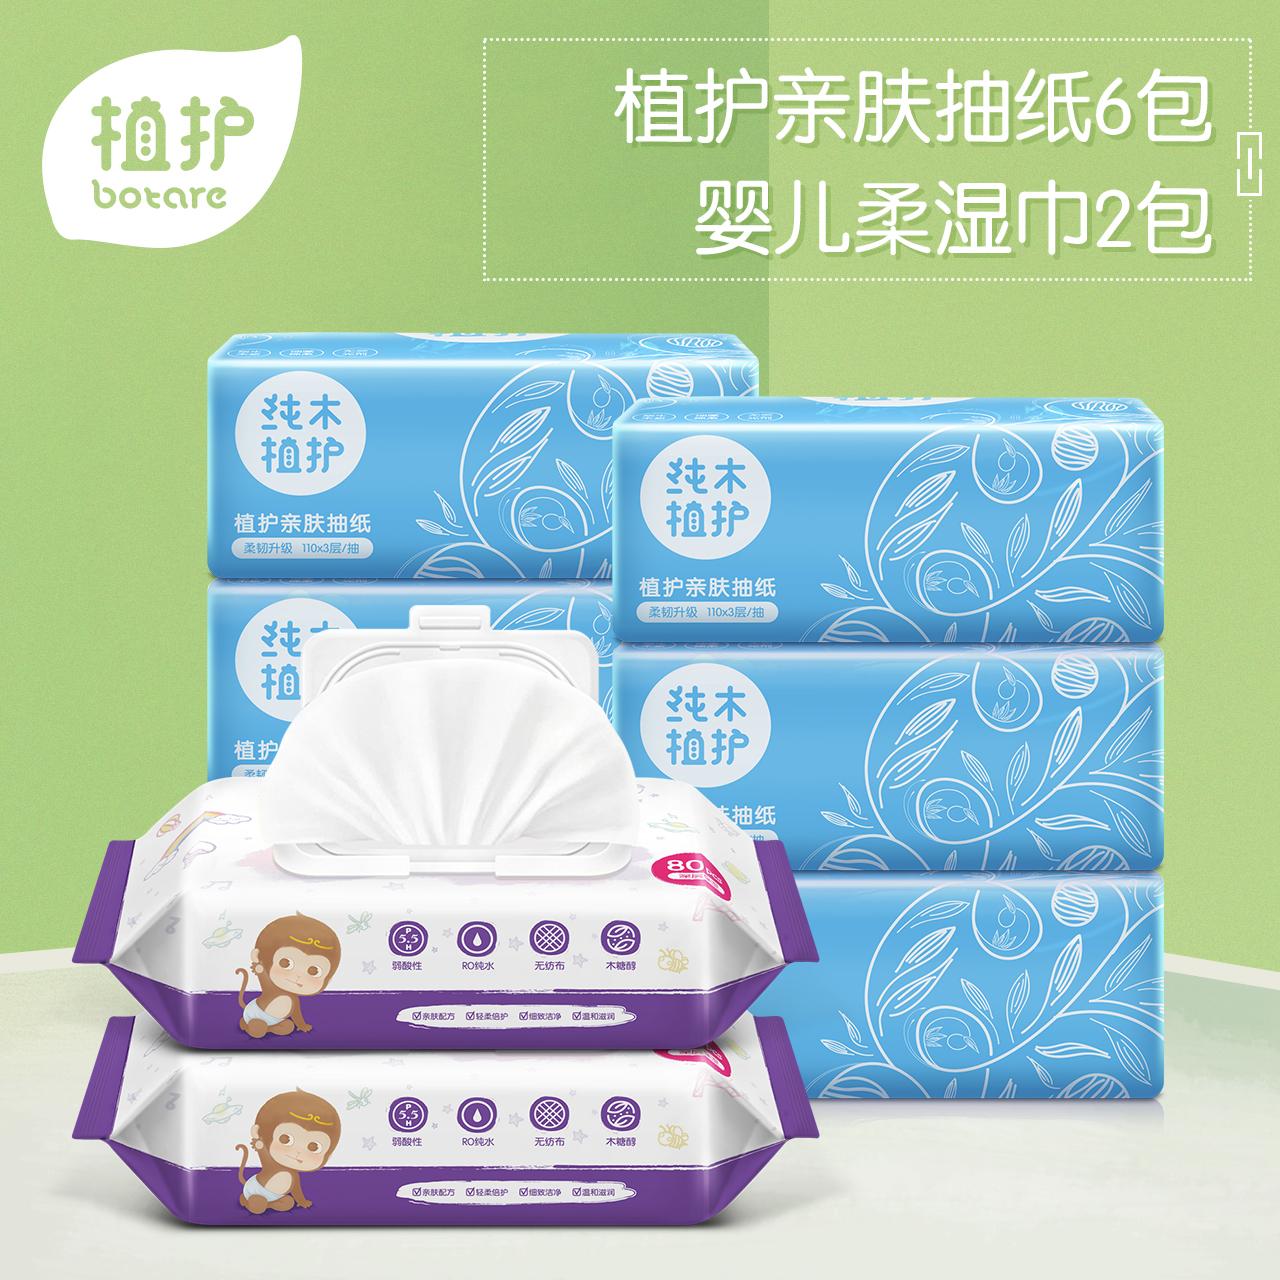 植护原木抽纸6包 柔湿巾2包面巾纸批发家用家庭装餐巾纸卫生纸